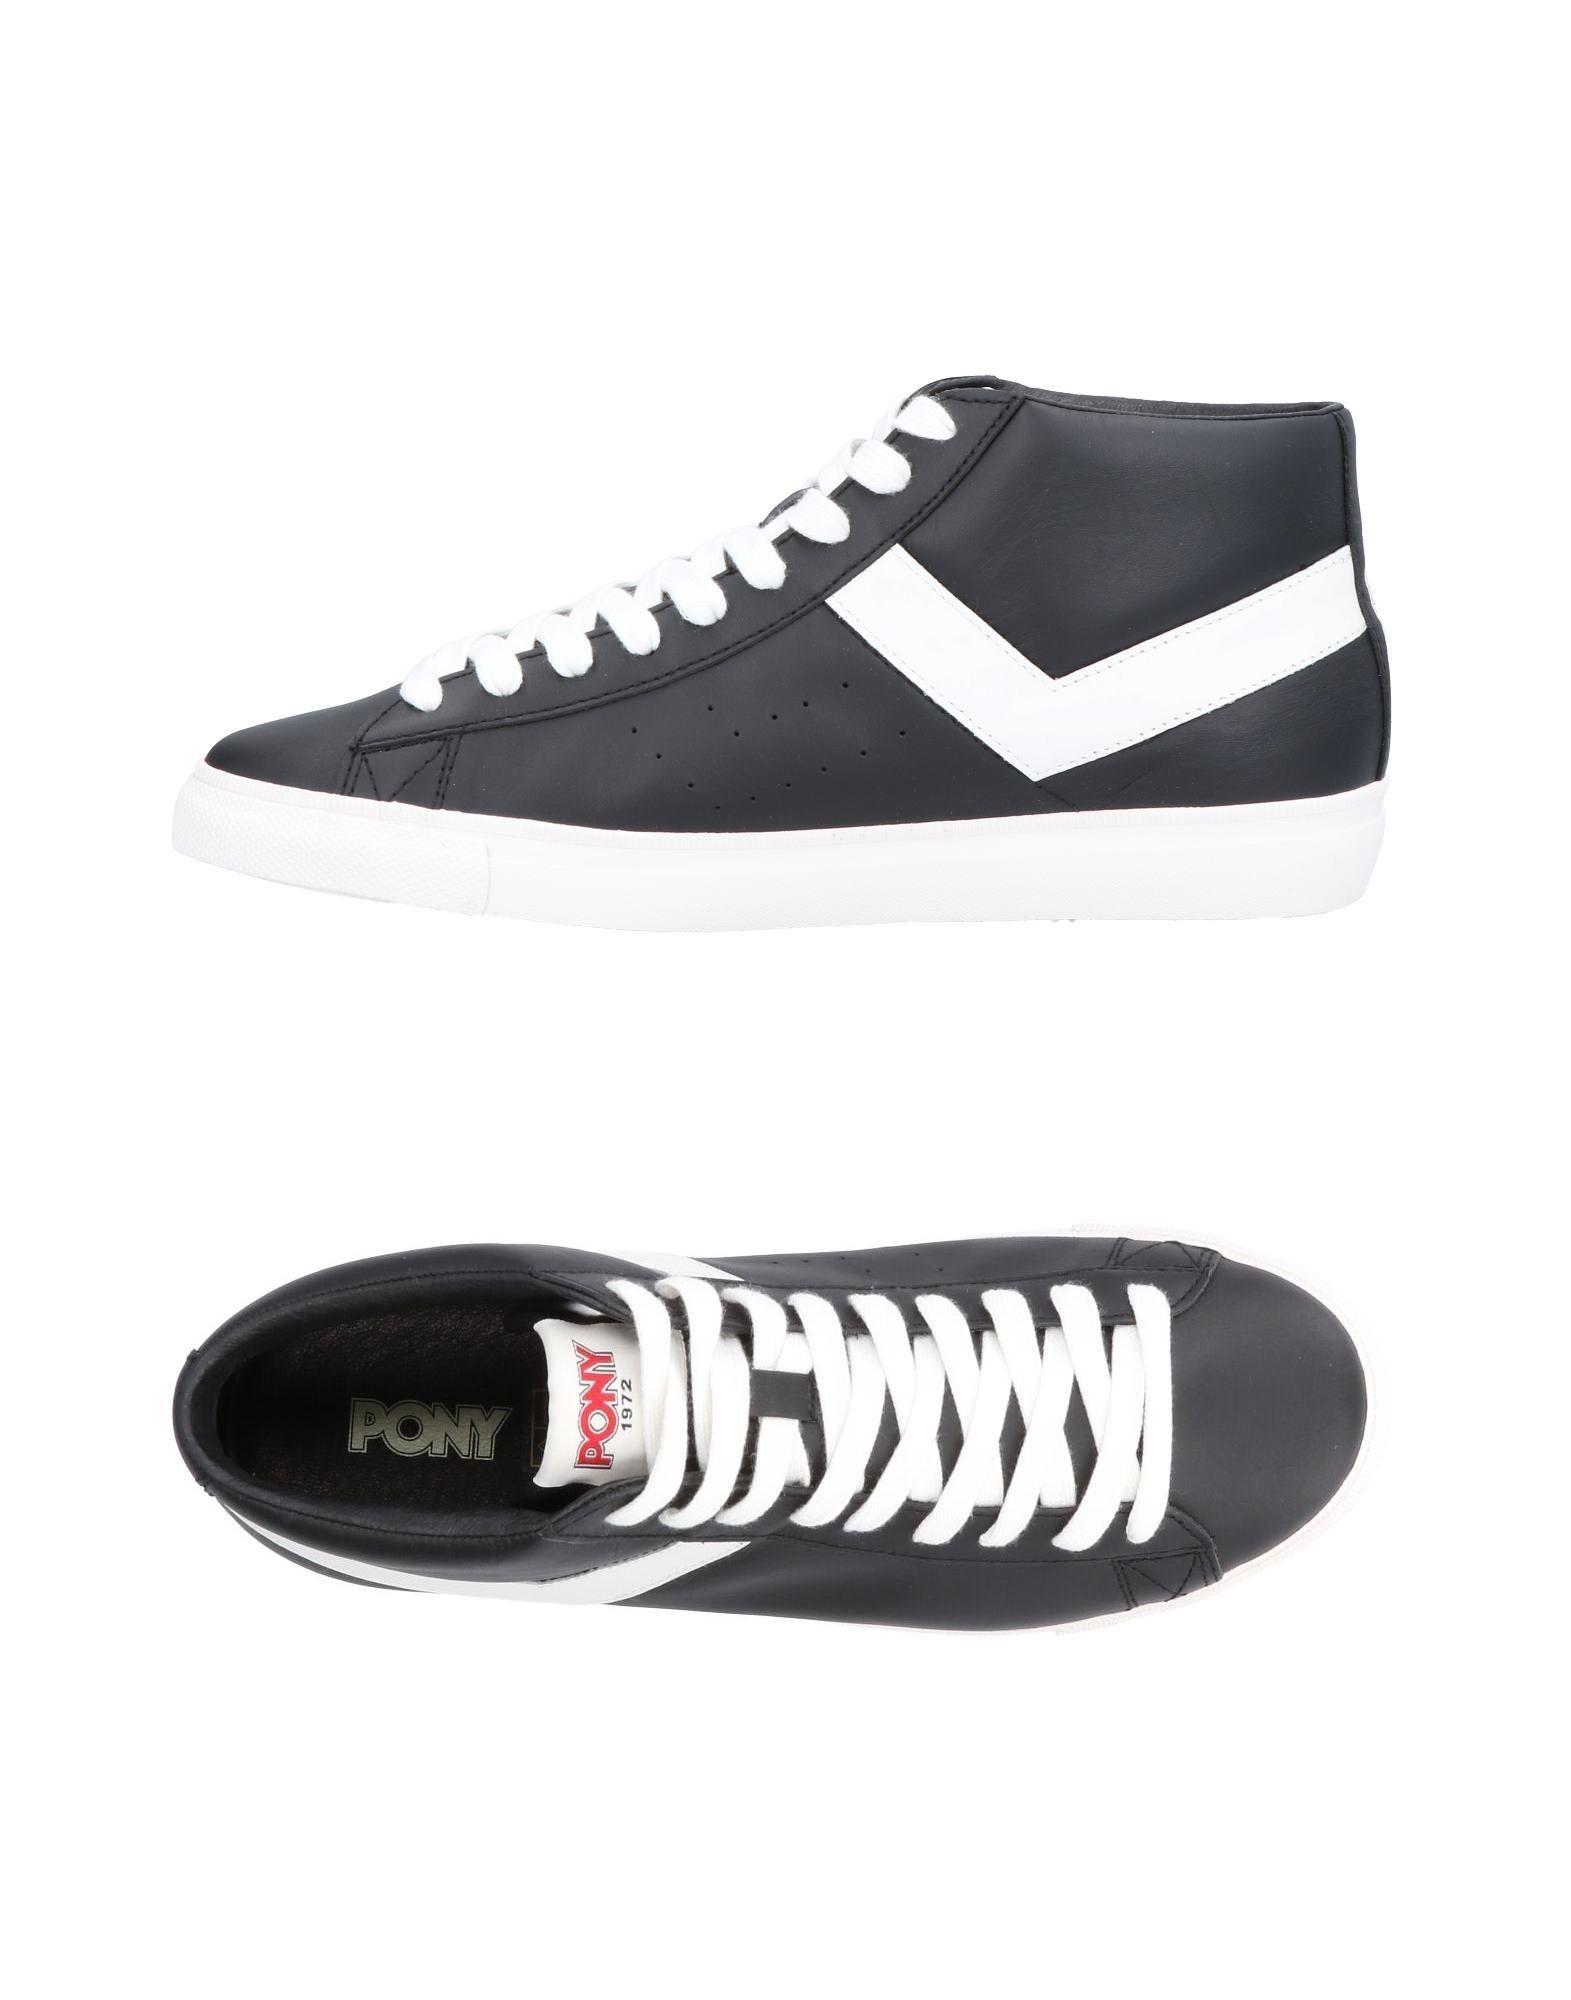 Pony Sneakers  Herren  Sneakers 11489205NV Heiße Schuhe 67a02d